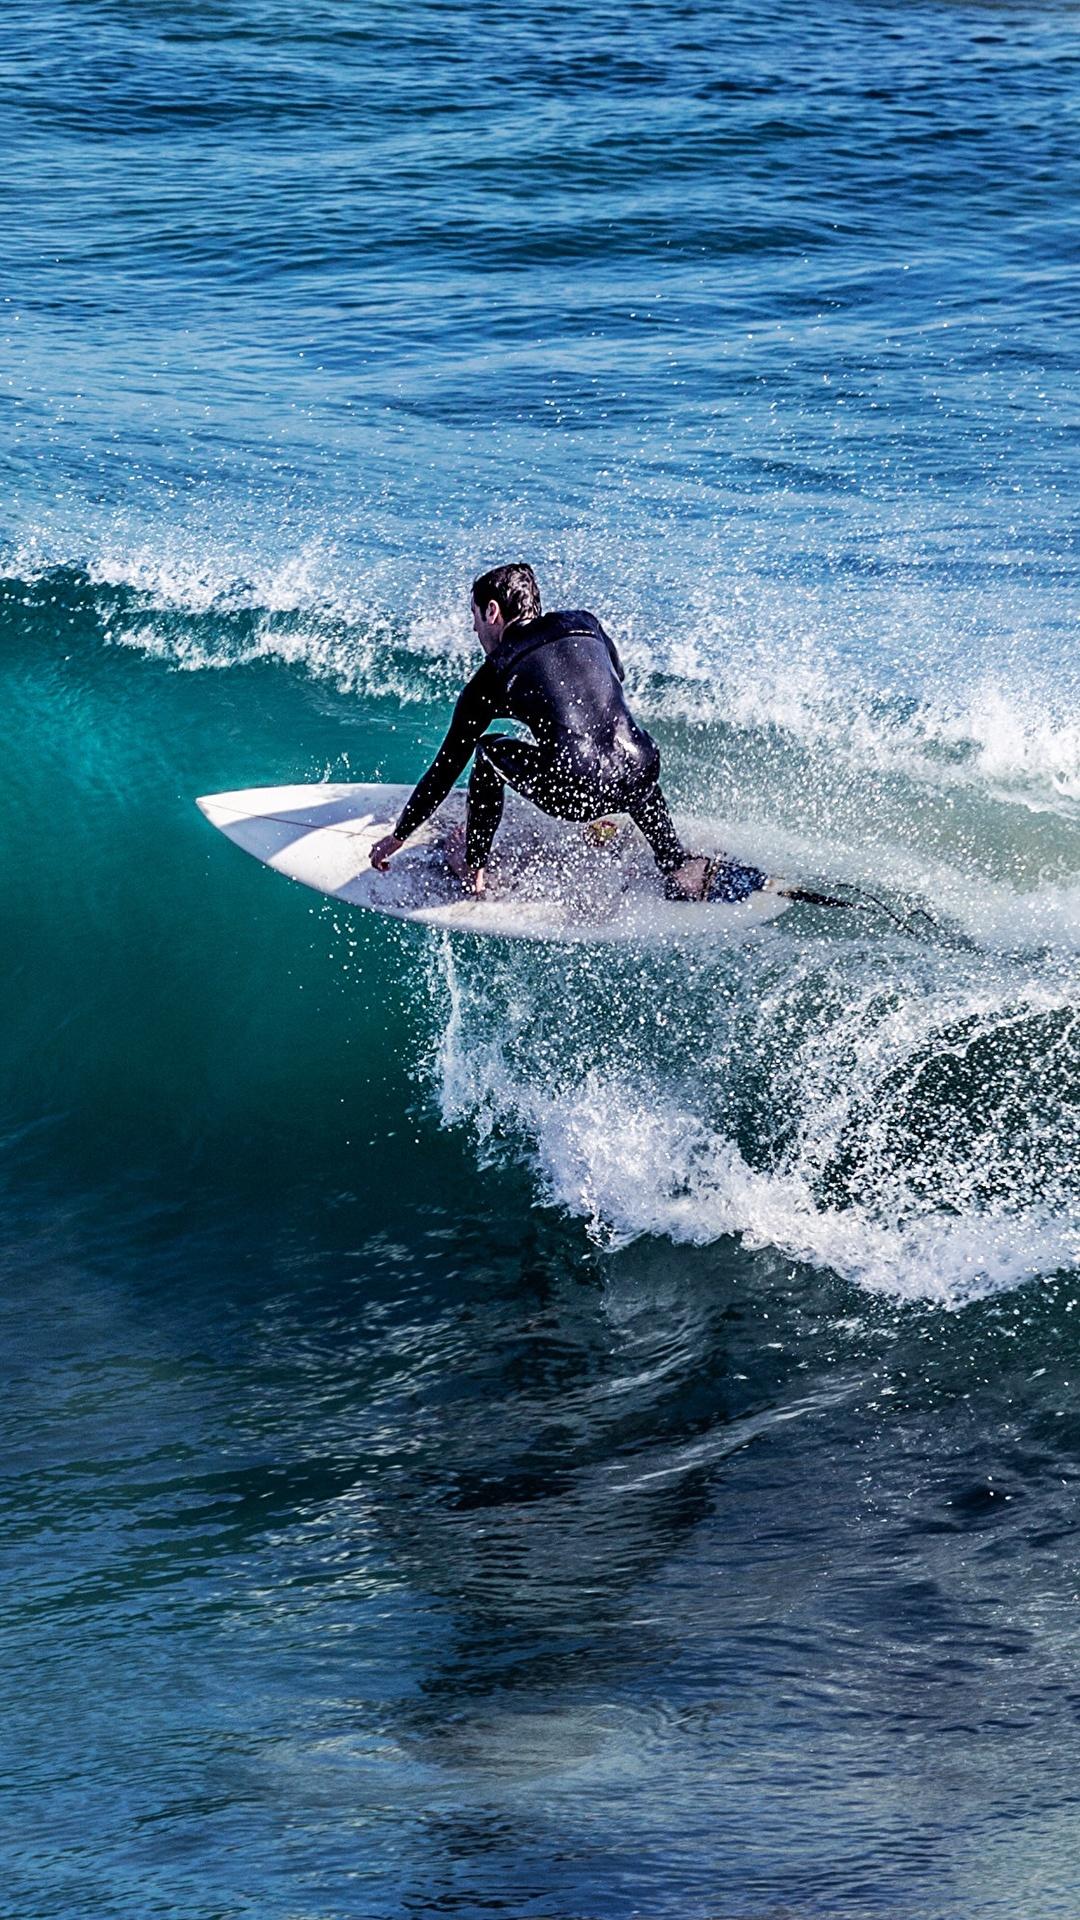 壁紙 1080x1920 波 サーフィン 男性 スポーツ ダウンロード 写真